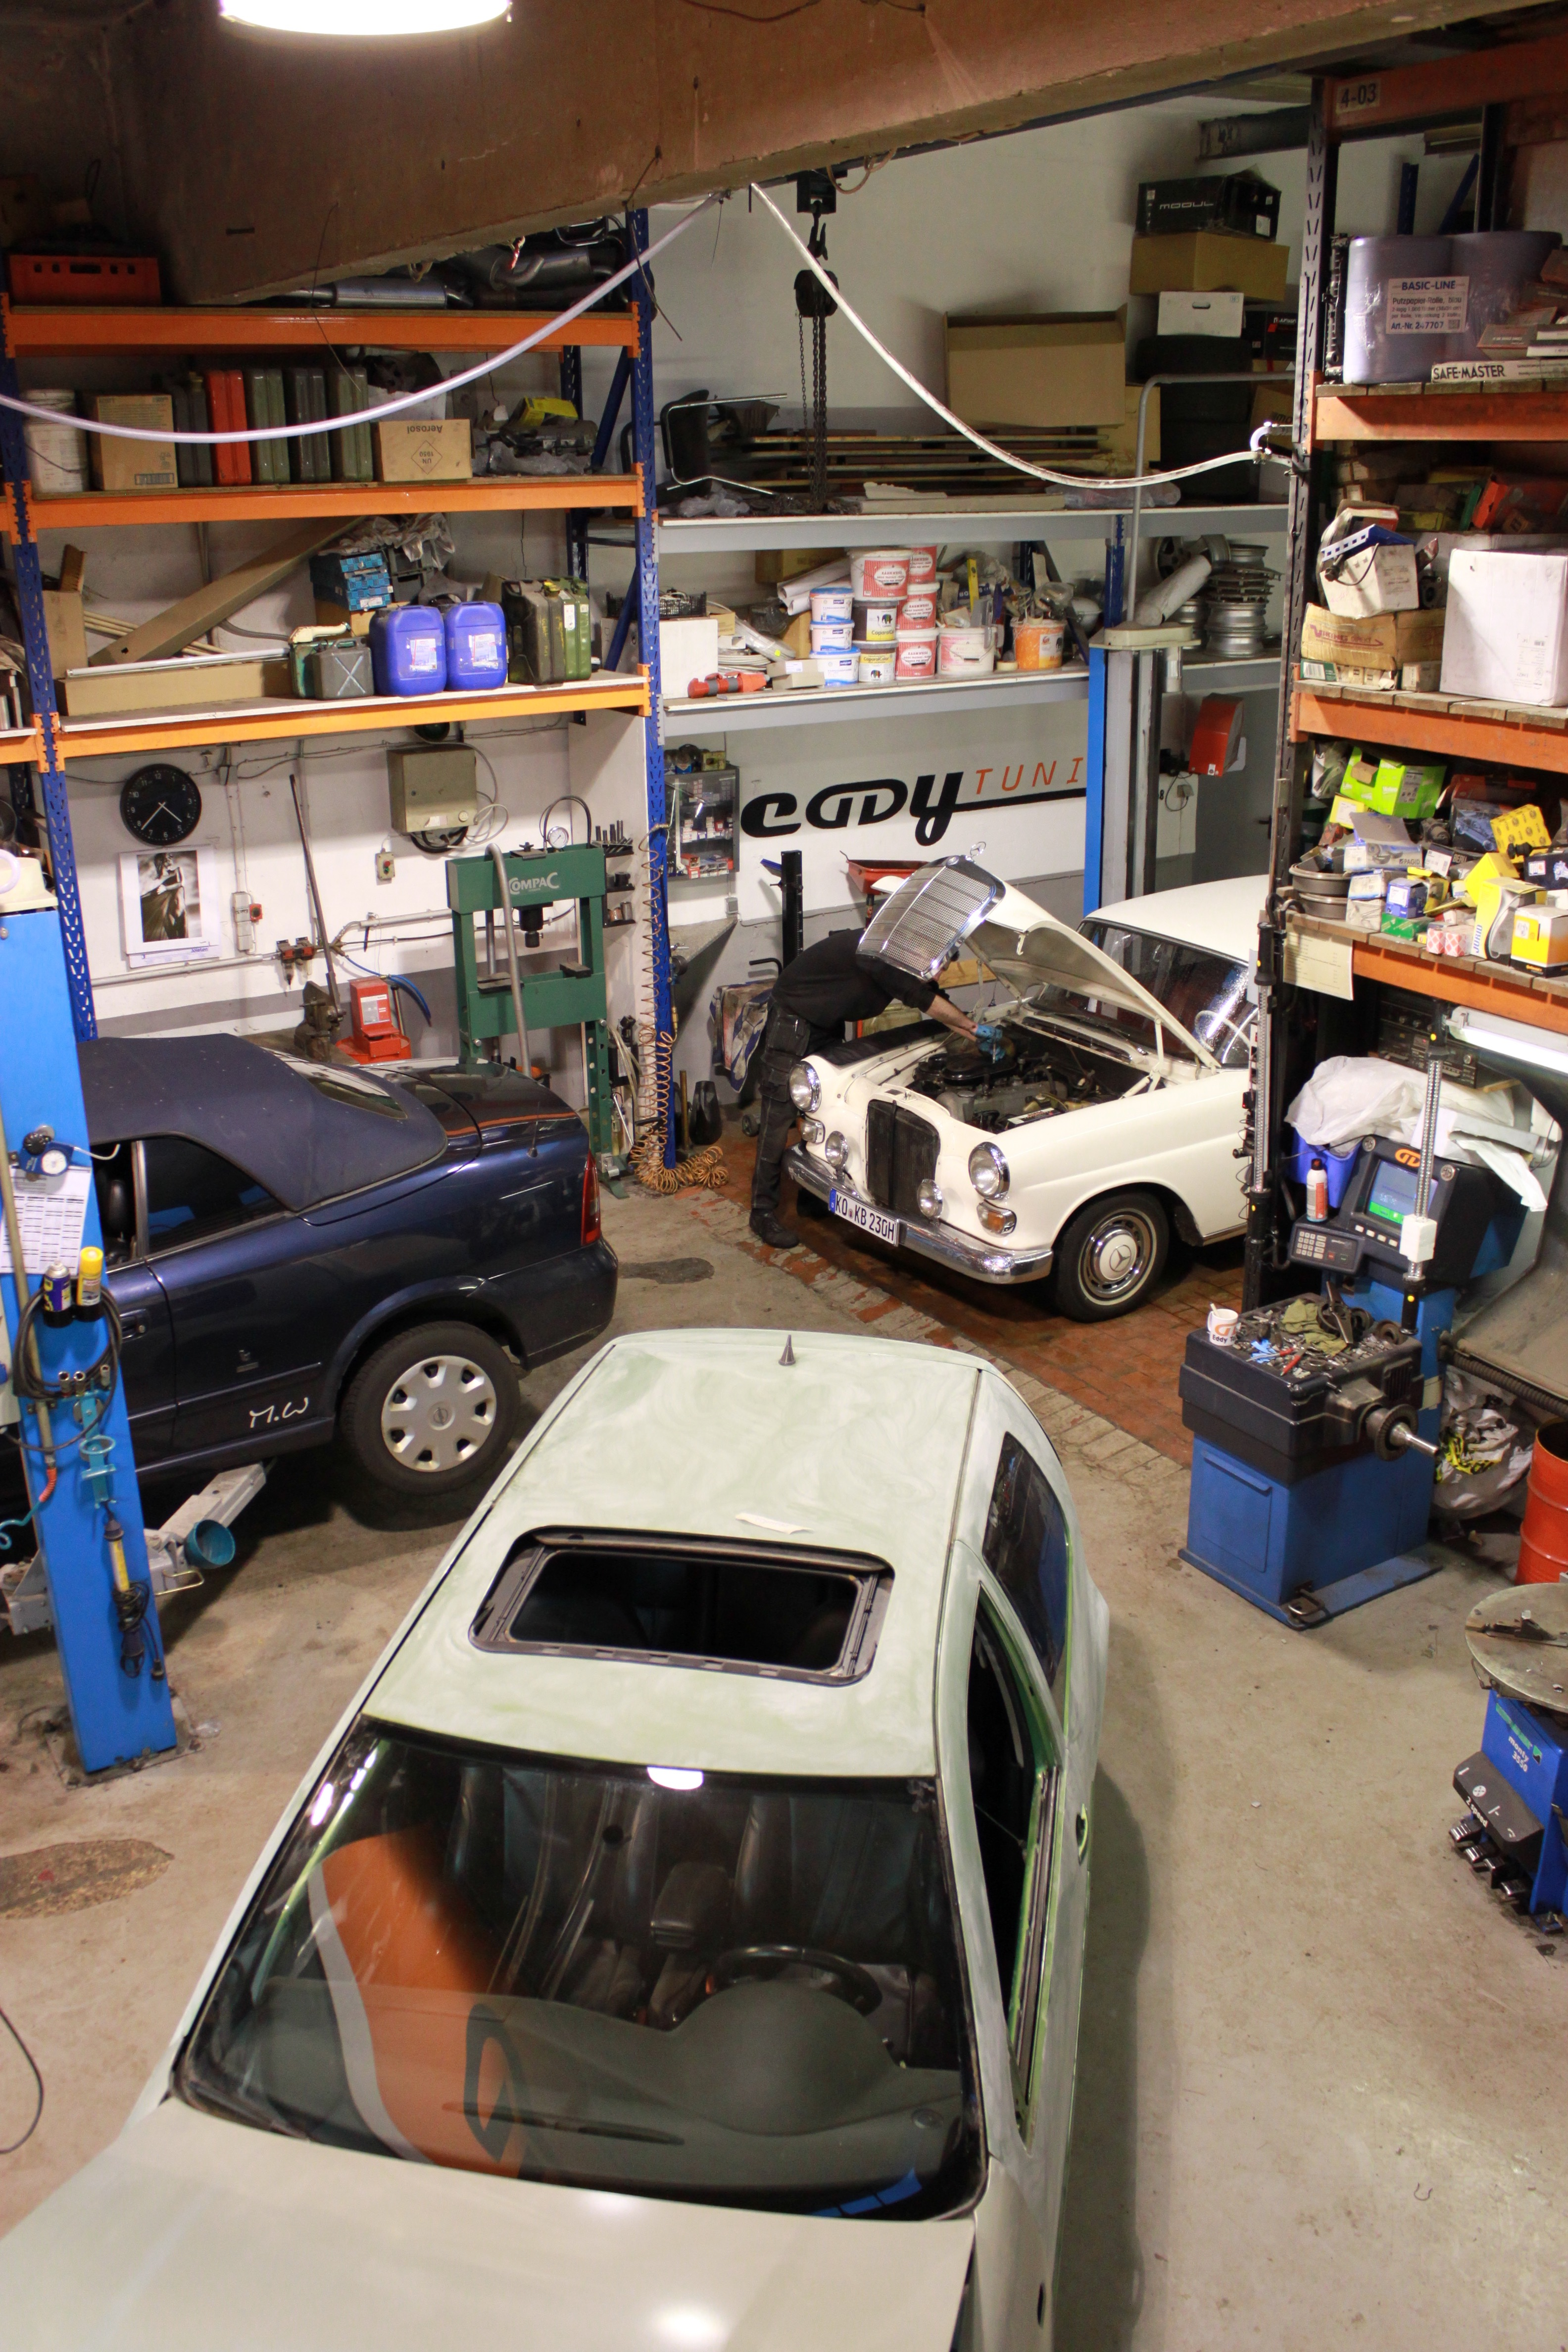 eddy automotive ihre markenfreie werkstatt in koblenz eddy automotive gmbh. Black Bedroom Furniture Sets. Home Design Ideas